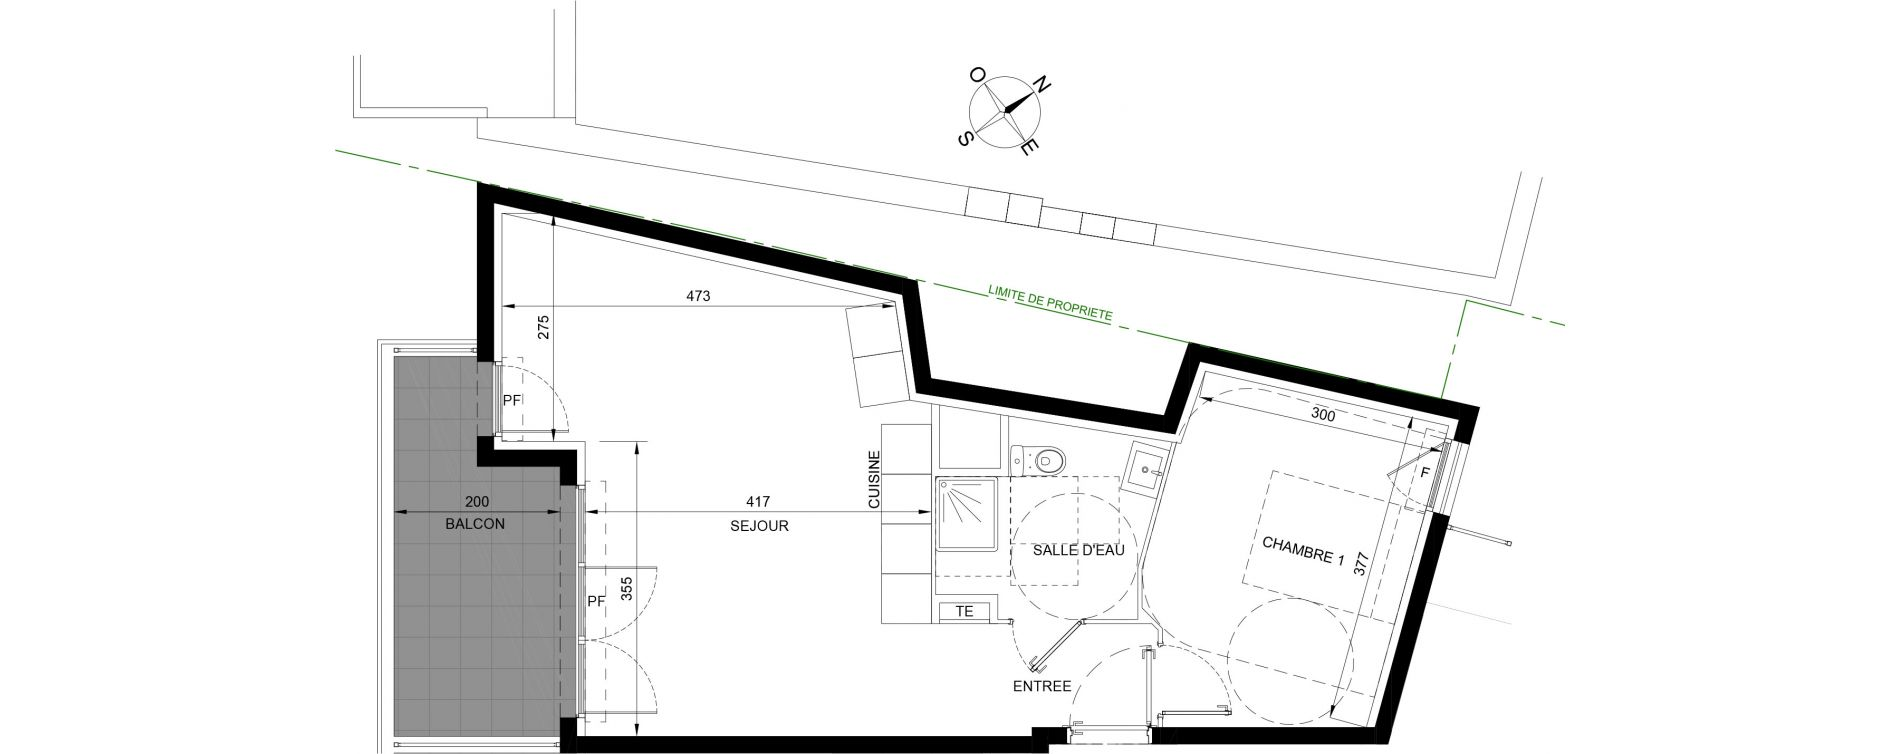 Appartement T2 de 46,25 m2 à Roquebrune-Cap-Martin Centre